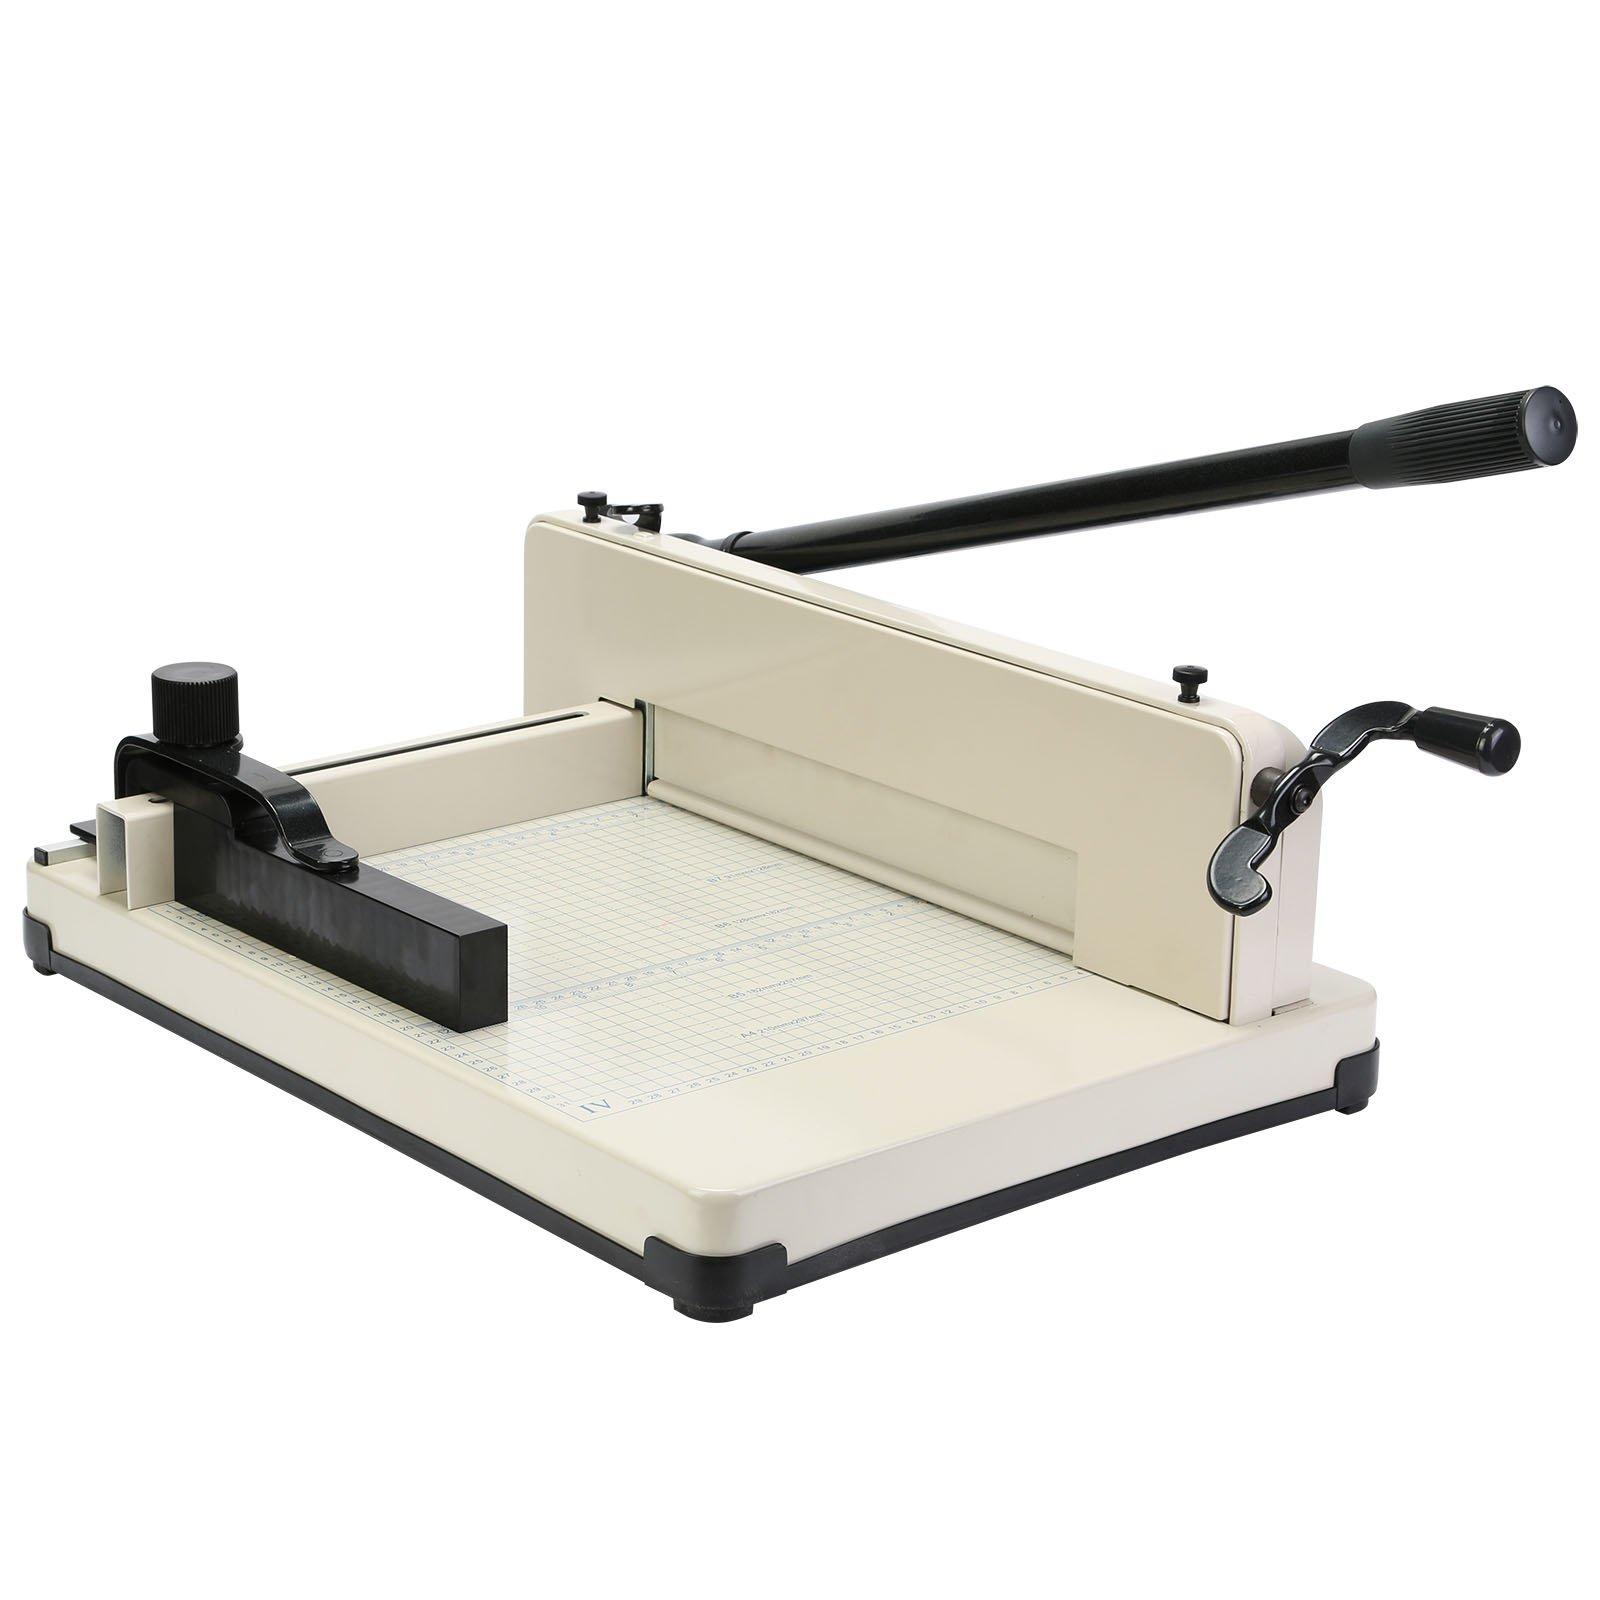 OrangeA Paper Cutter Guillotine Paper Cutter Trimmer Machine 12 Inch Heavy Duty Paper Cutting Tool (12 Inch A4 Patter Cutter)